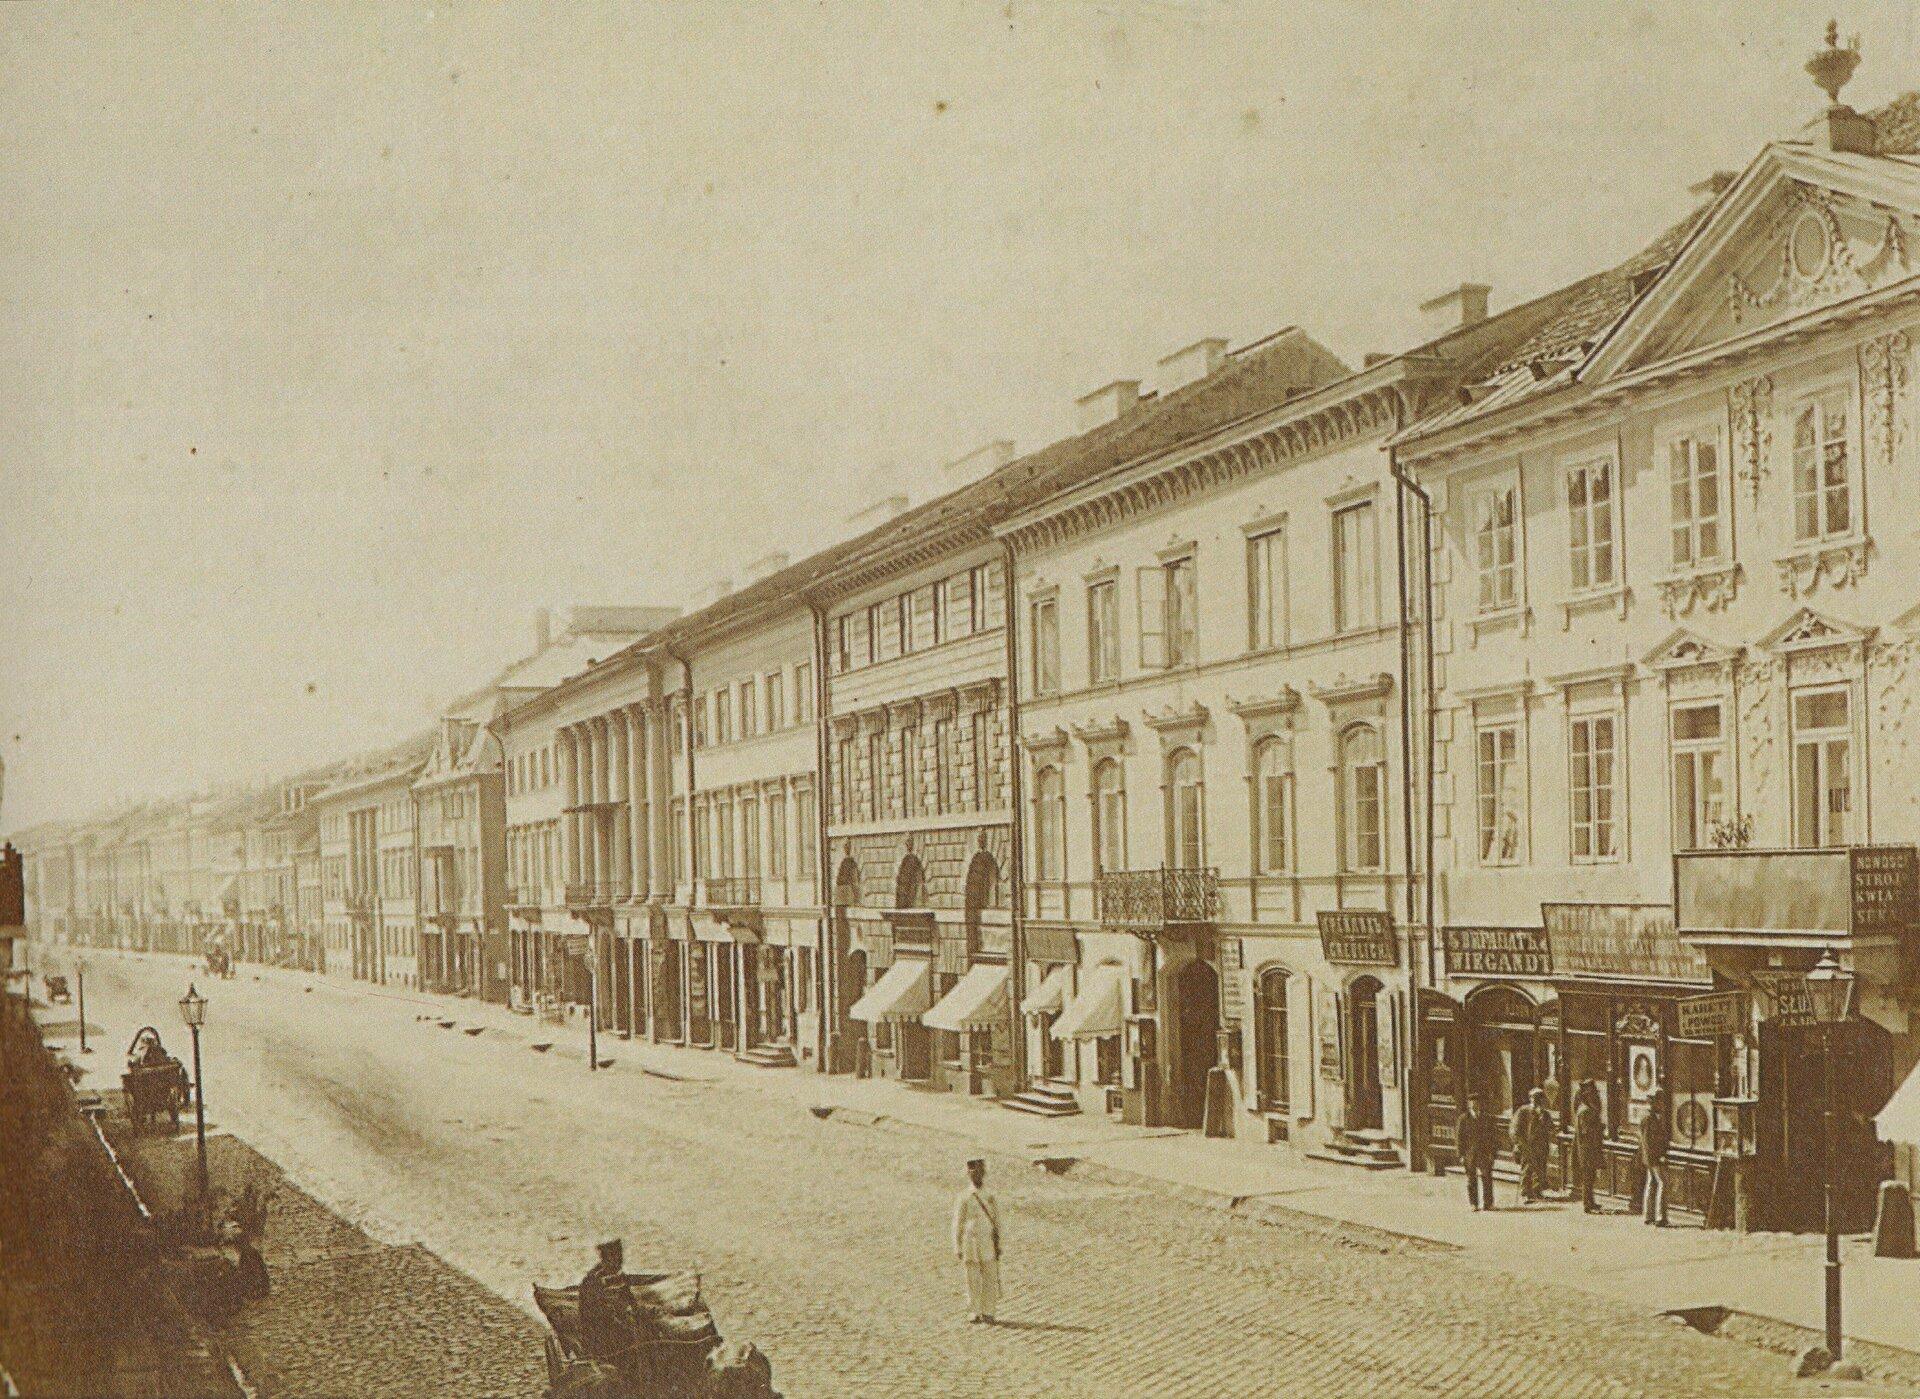 Ilustracja przedstawiająca XIX wieczną fotografię ulicy Nowy Świat wWarszawie. Jest to nowoczesna brukowana ulica zwysokimi kamieniczkami na dole których znajdują się liczne sklepy, kawiarnie .